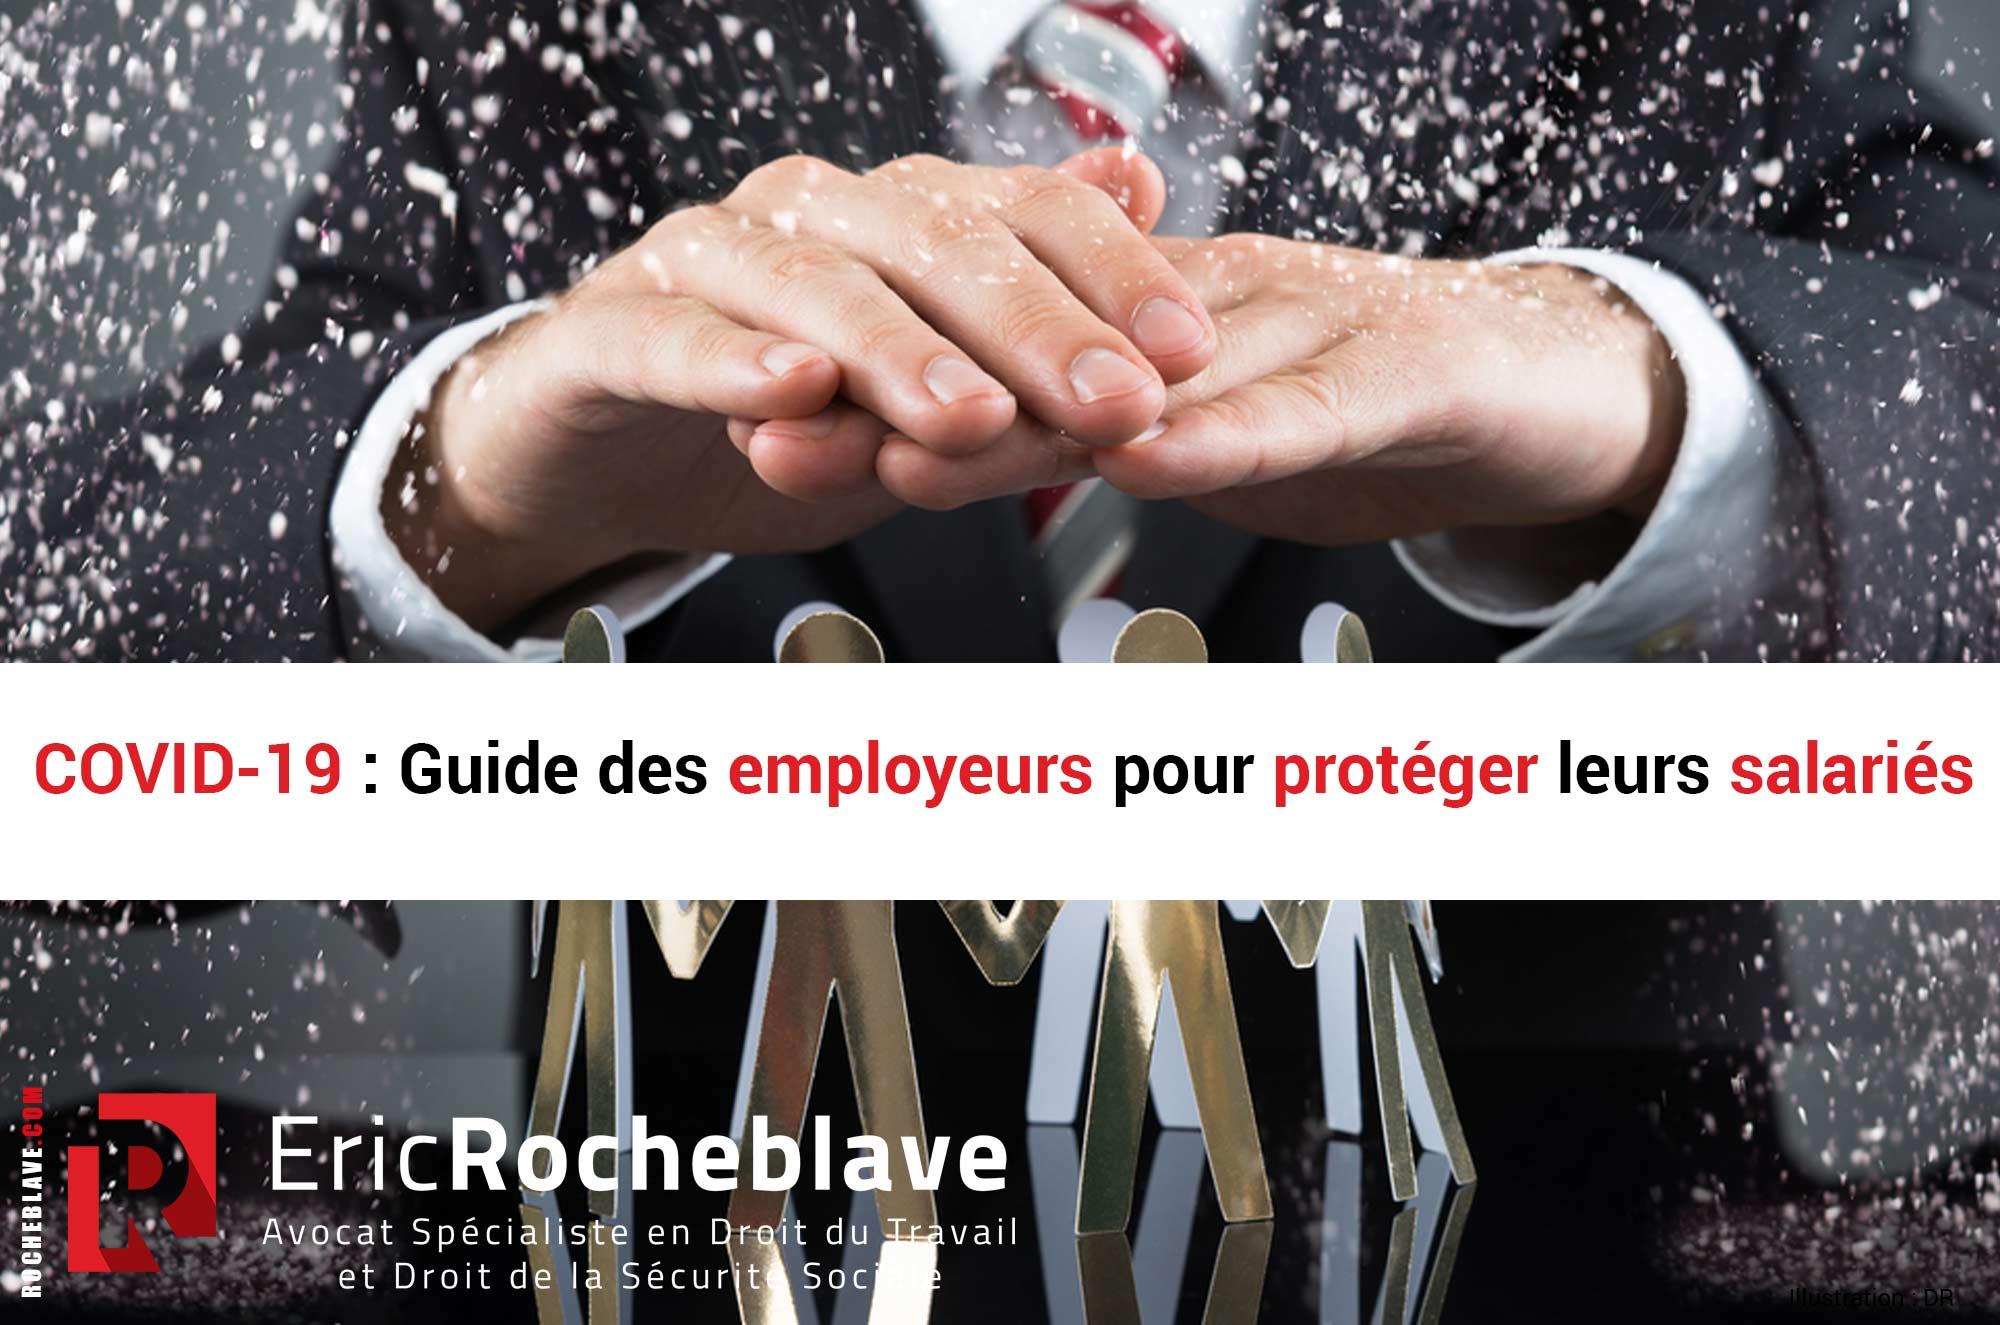 COVID-19 : Guide des employeurs pour protéger leurs salariés